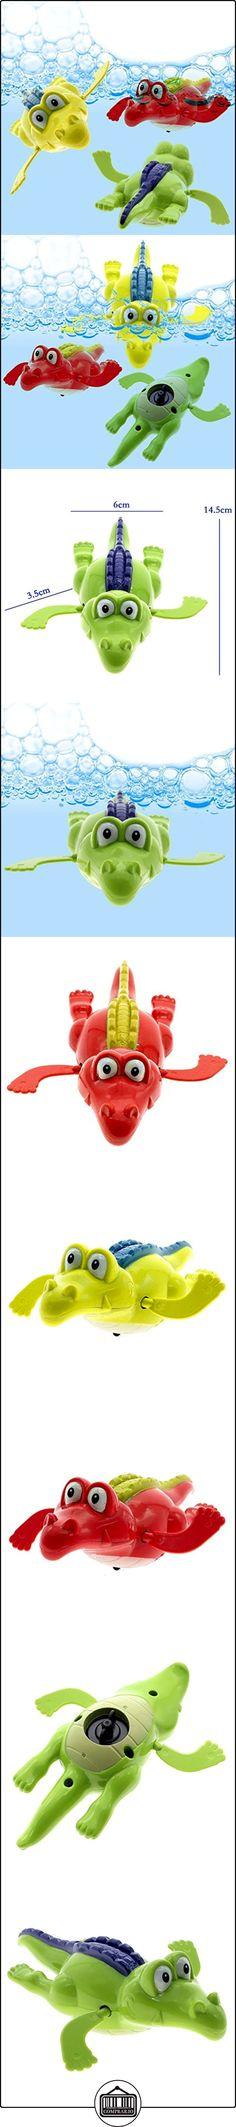 VANKER Bebé Baño Ducha Piscina Crocodile Wind Up Bath Jugar Juguete  ✿ Seguridad para tu bebé - (Protege a tus hijos) ✿ ▬► Ver oferta: http://comprar.io/goto/B06XDCH62Q